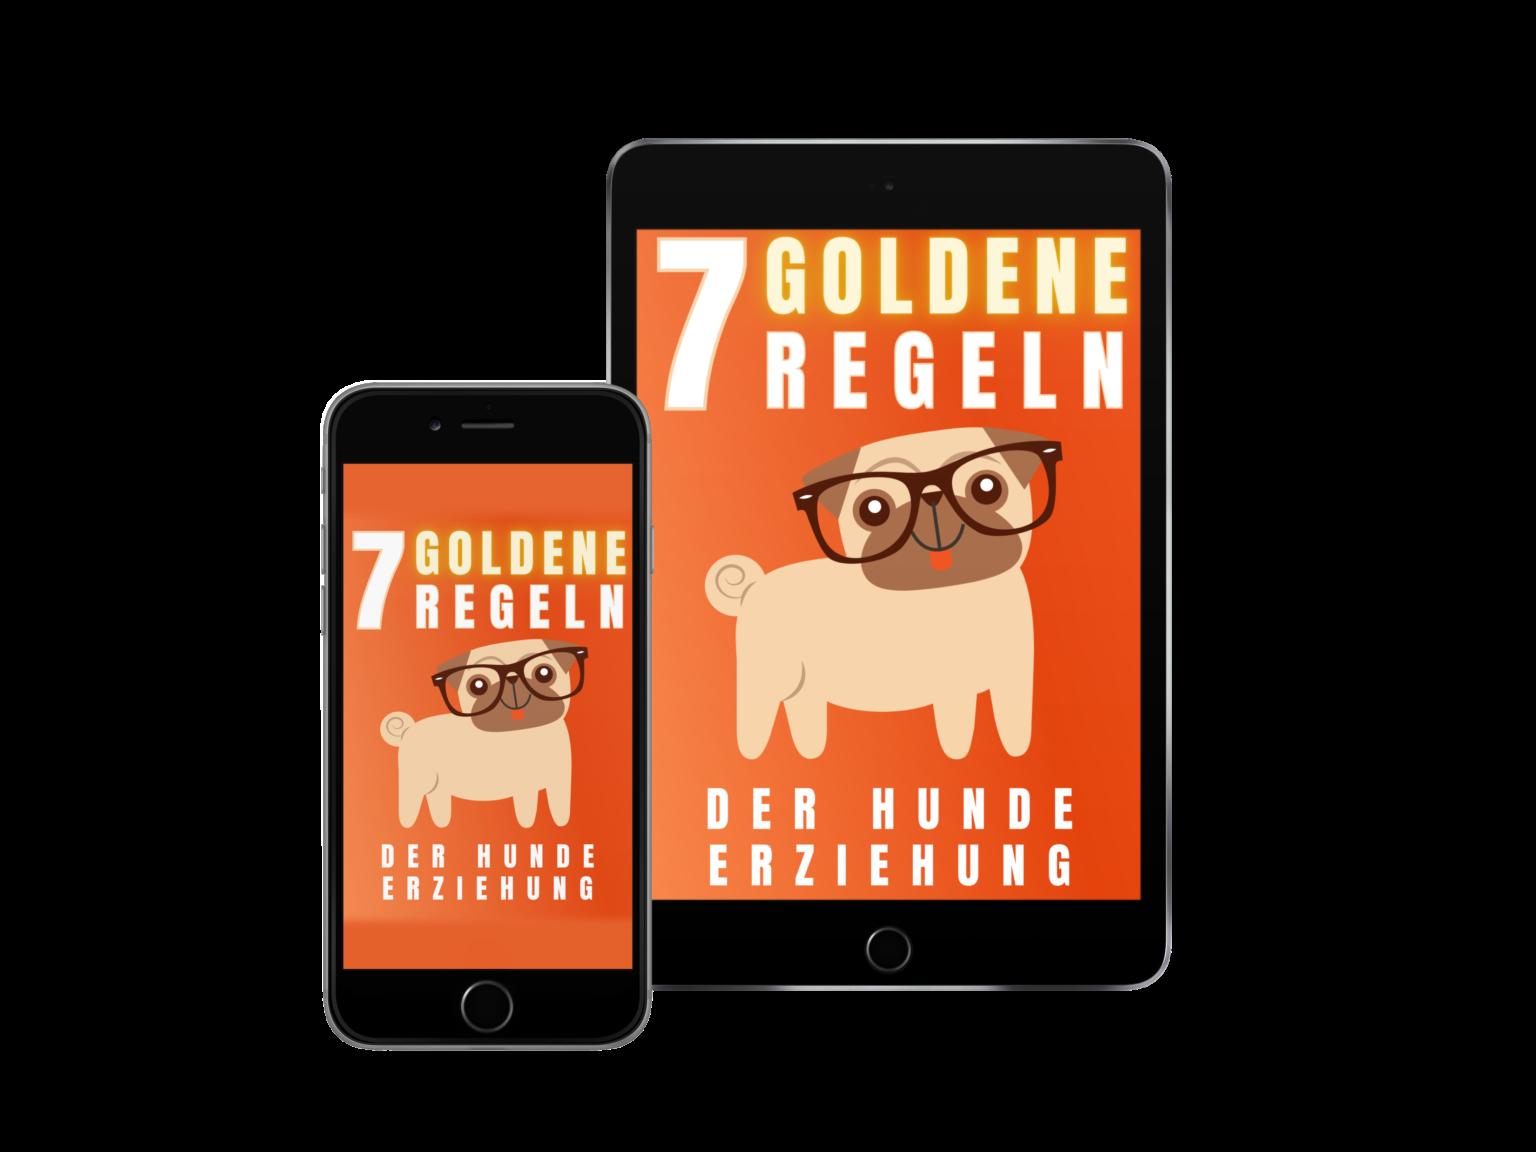 7 goldene Regeln der Hundeerziehung